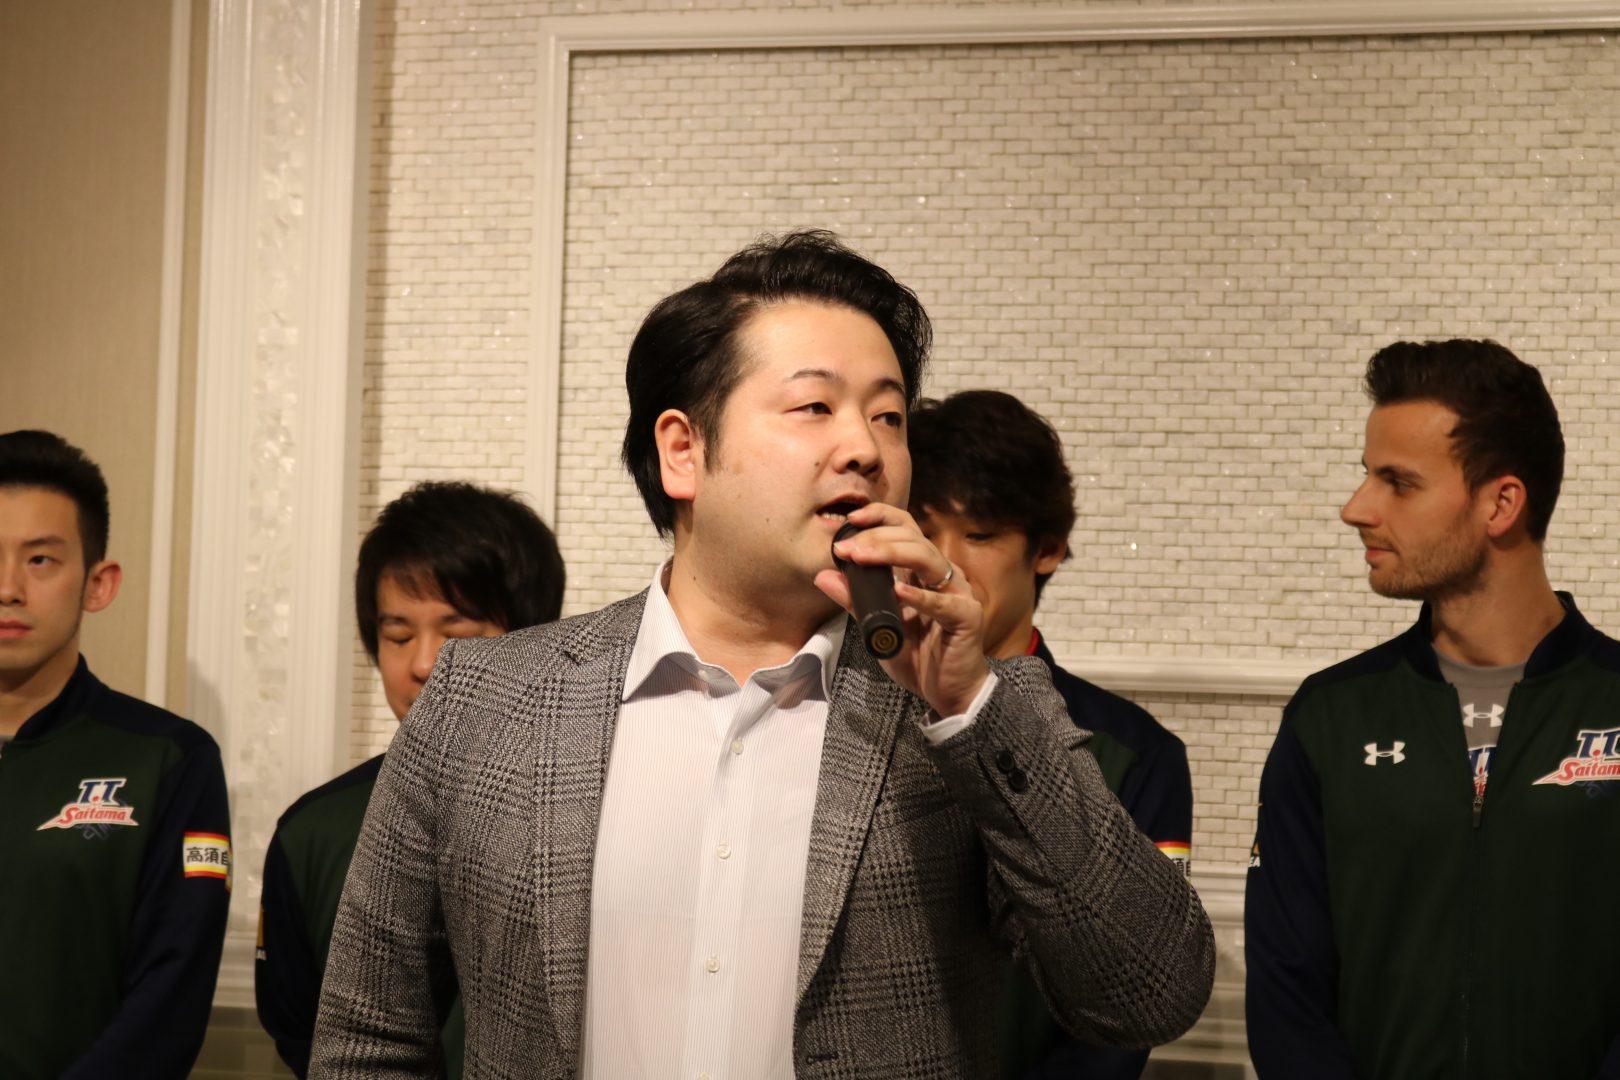 【卓球・Tリーグ】坂本竜介監督「来年は祝勝会にしたい」 T.T彩たまがスポンサーにシーズン報告